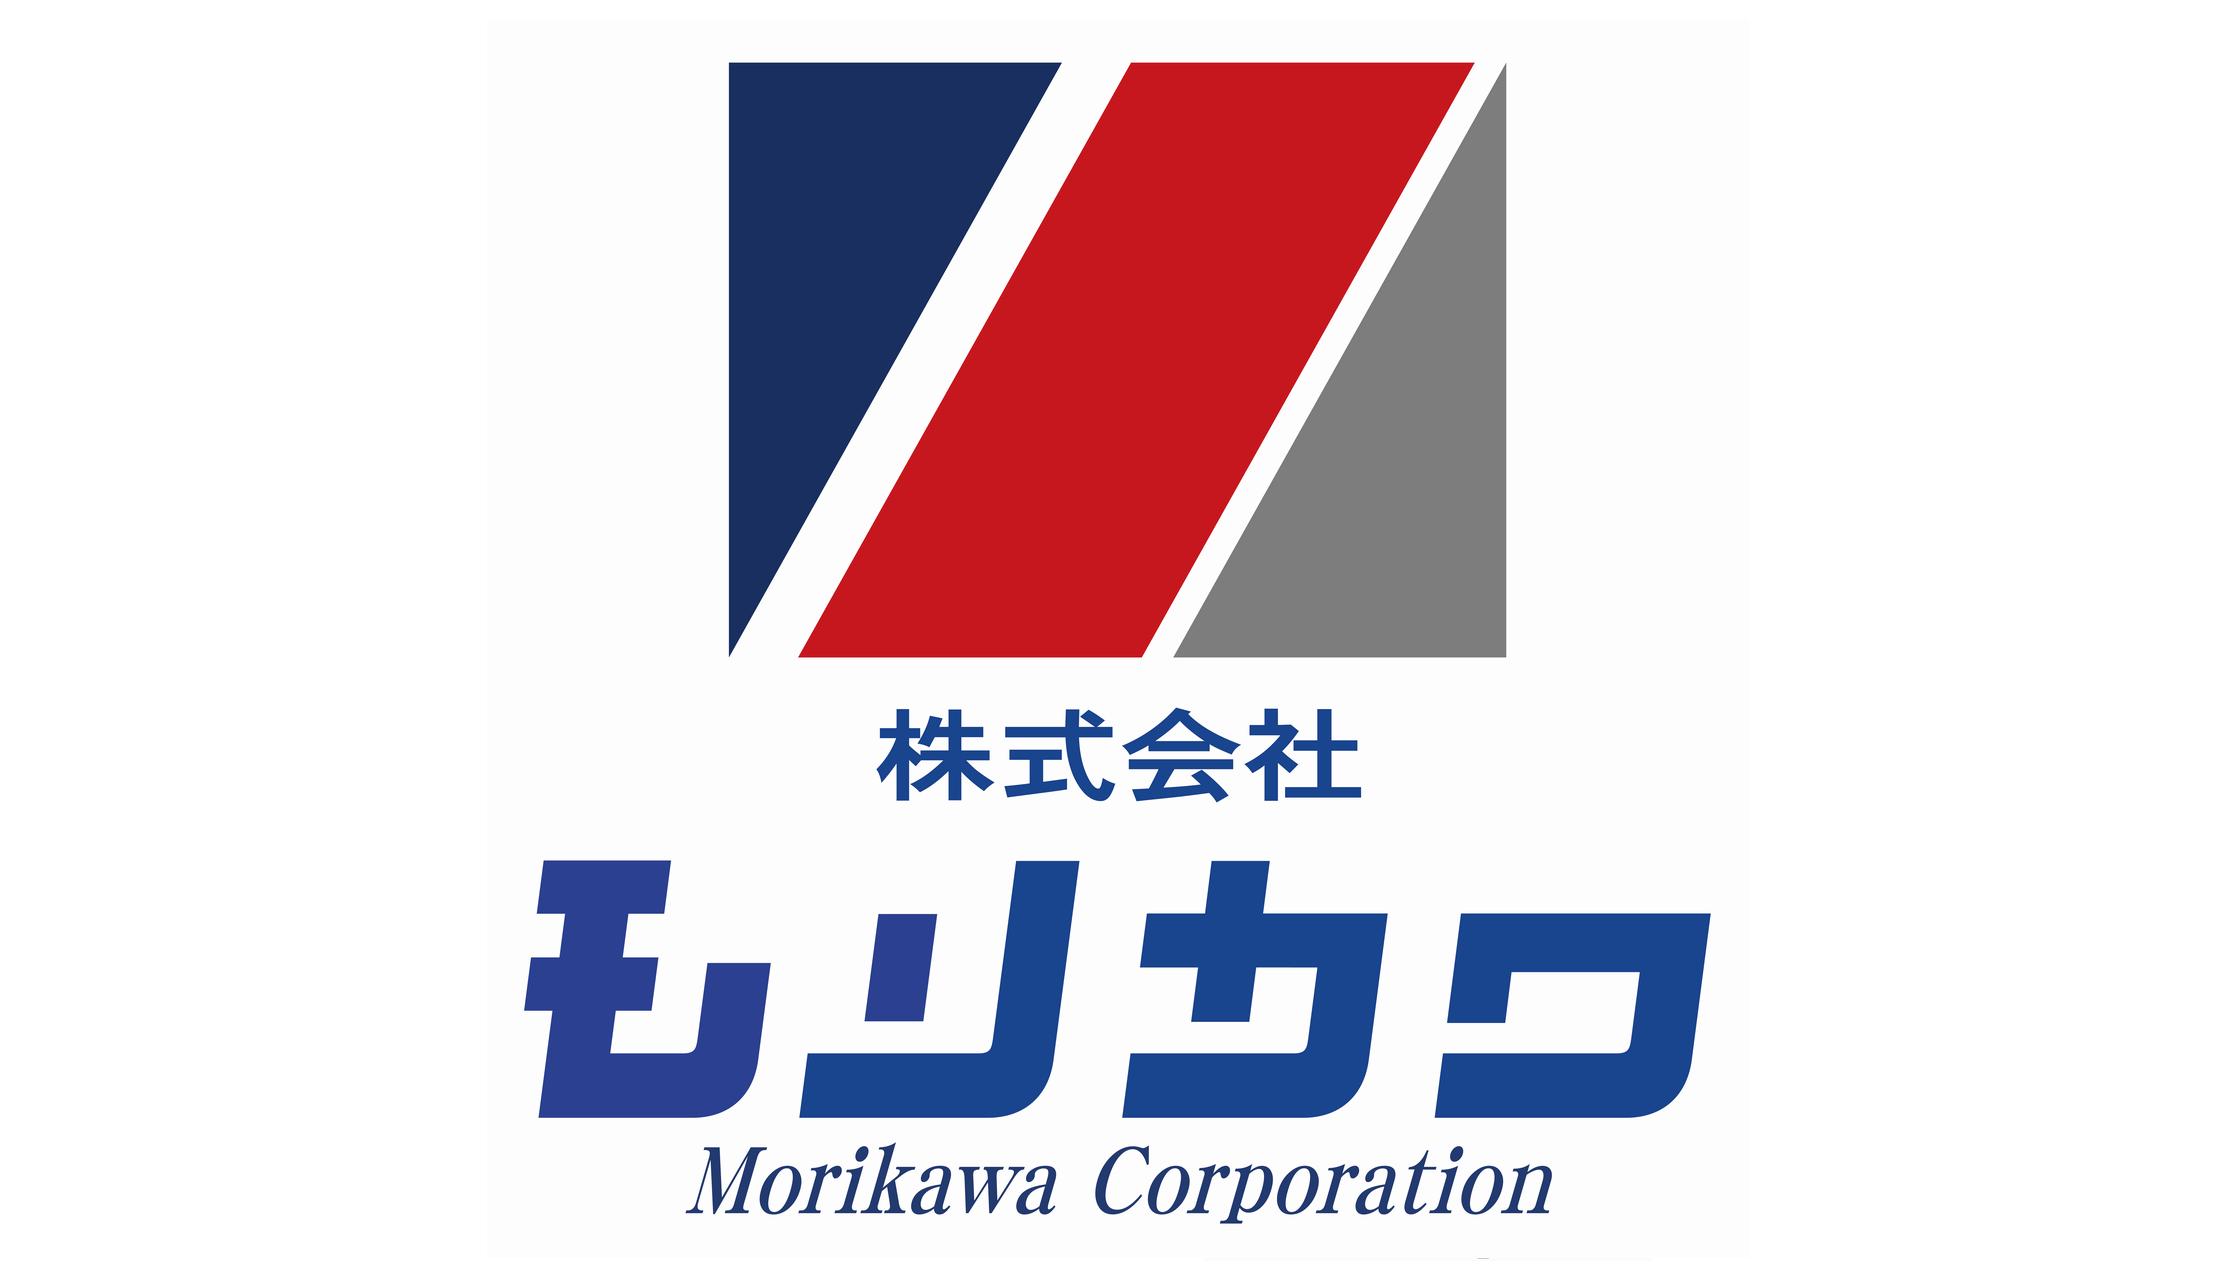 株式会社モリカワ社是経営理念